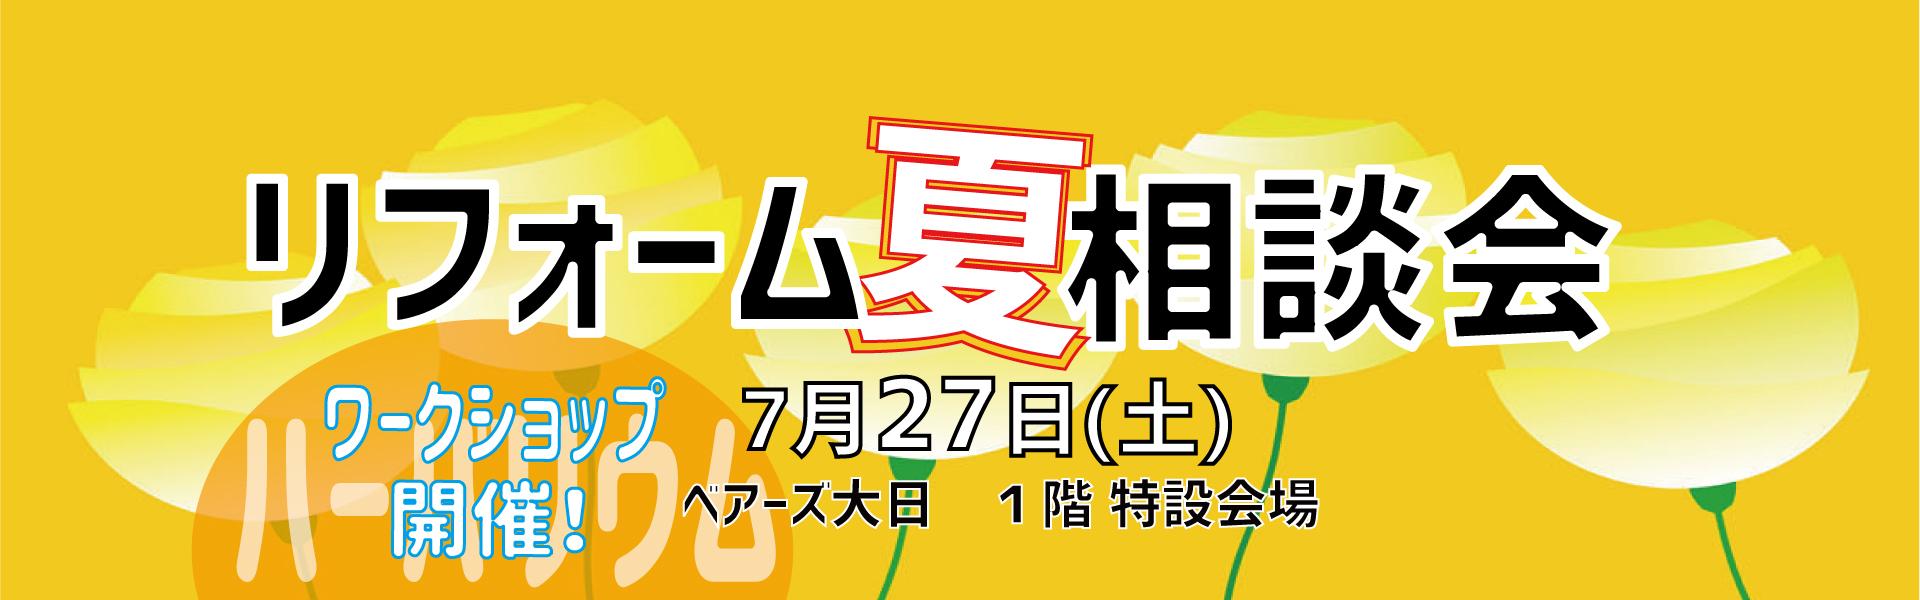 【7月27日】夏のリフォーム相談会開催!